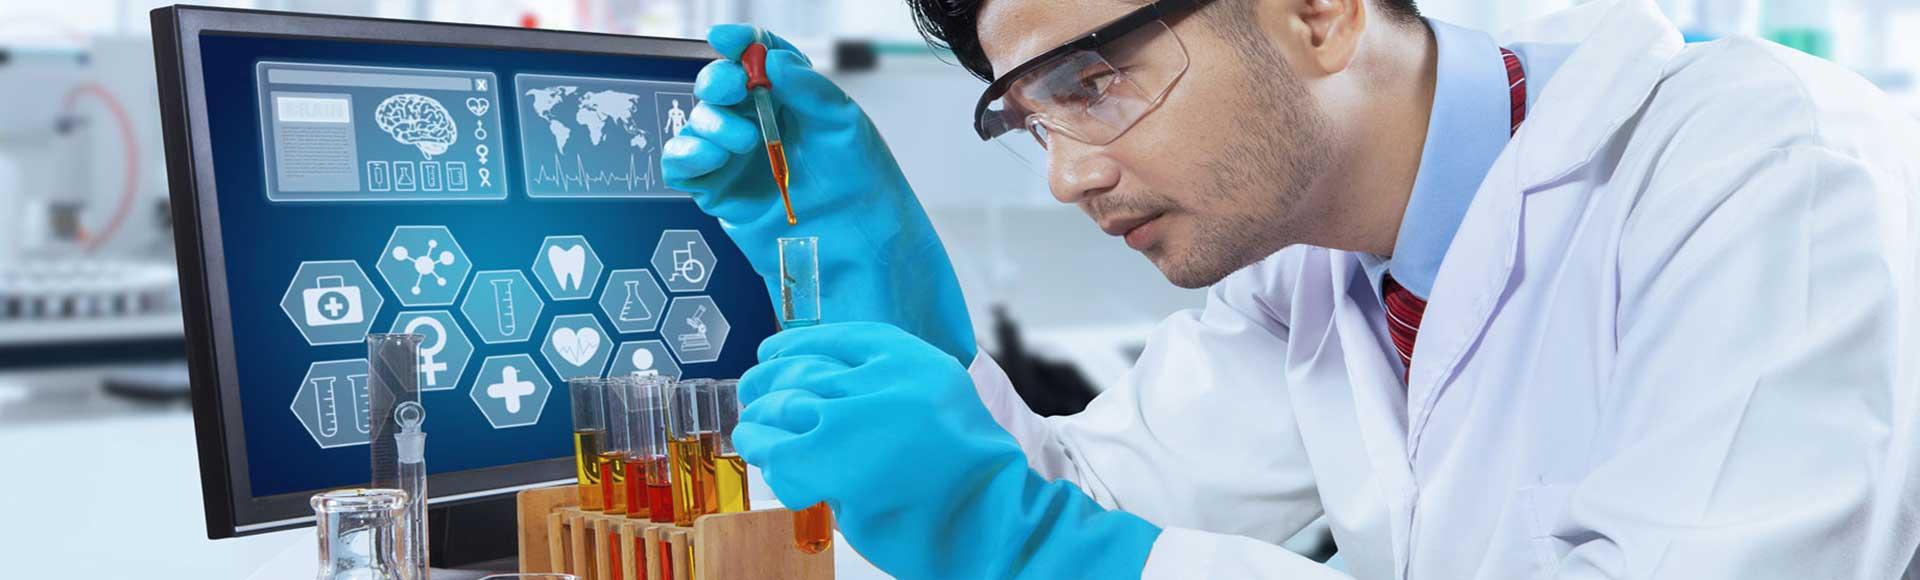 LEPID LIFE SCIENCES PVT LTD